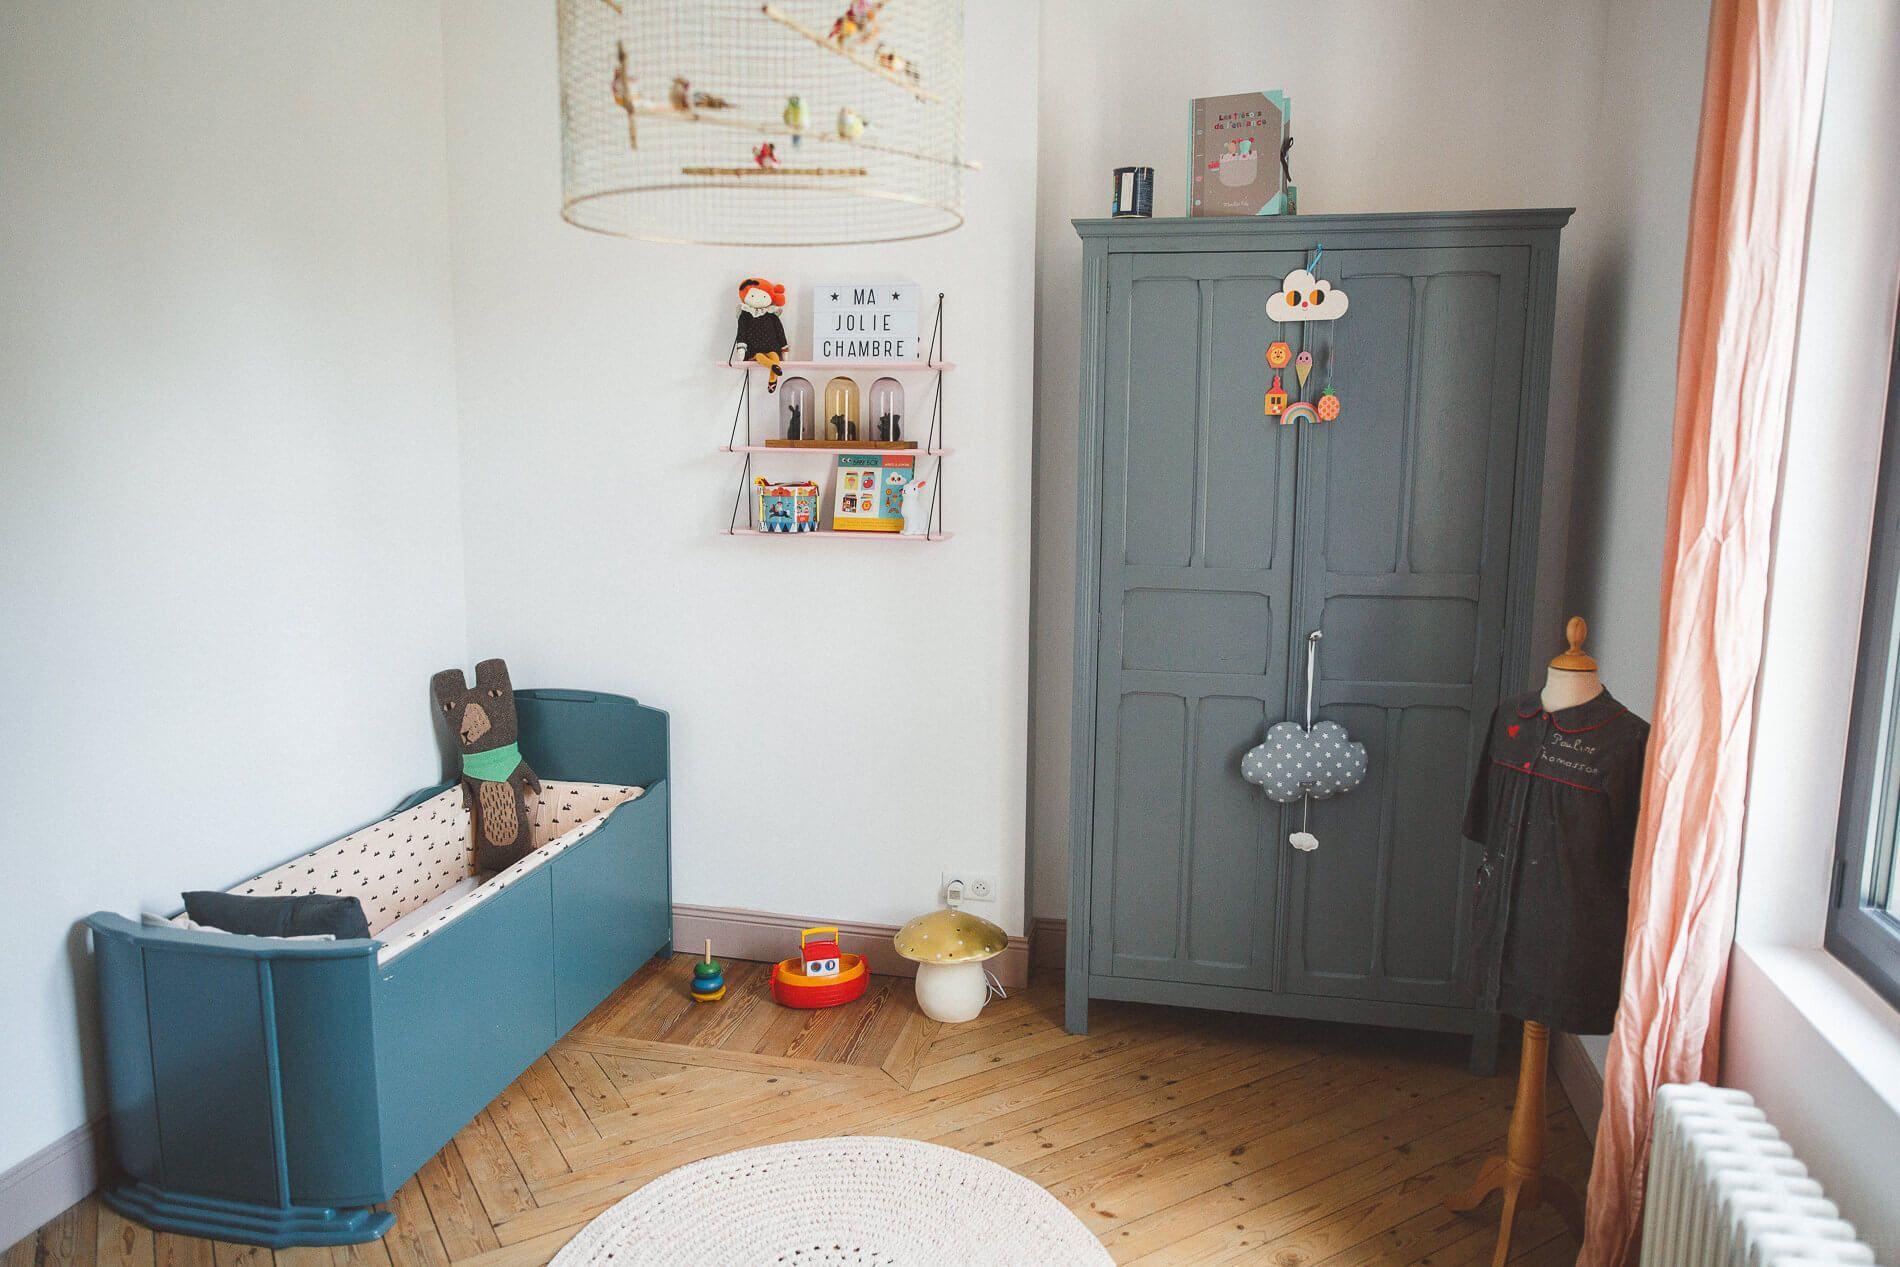 La jolie chambre vintage de Constance